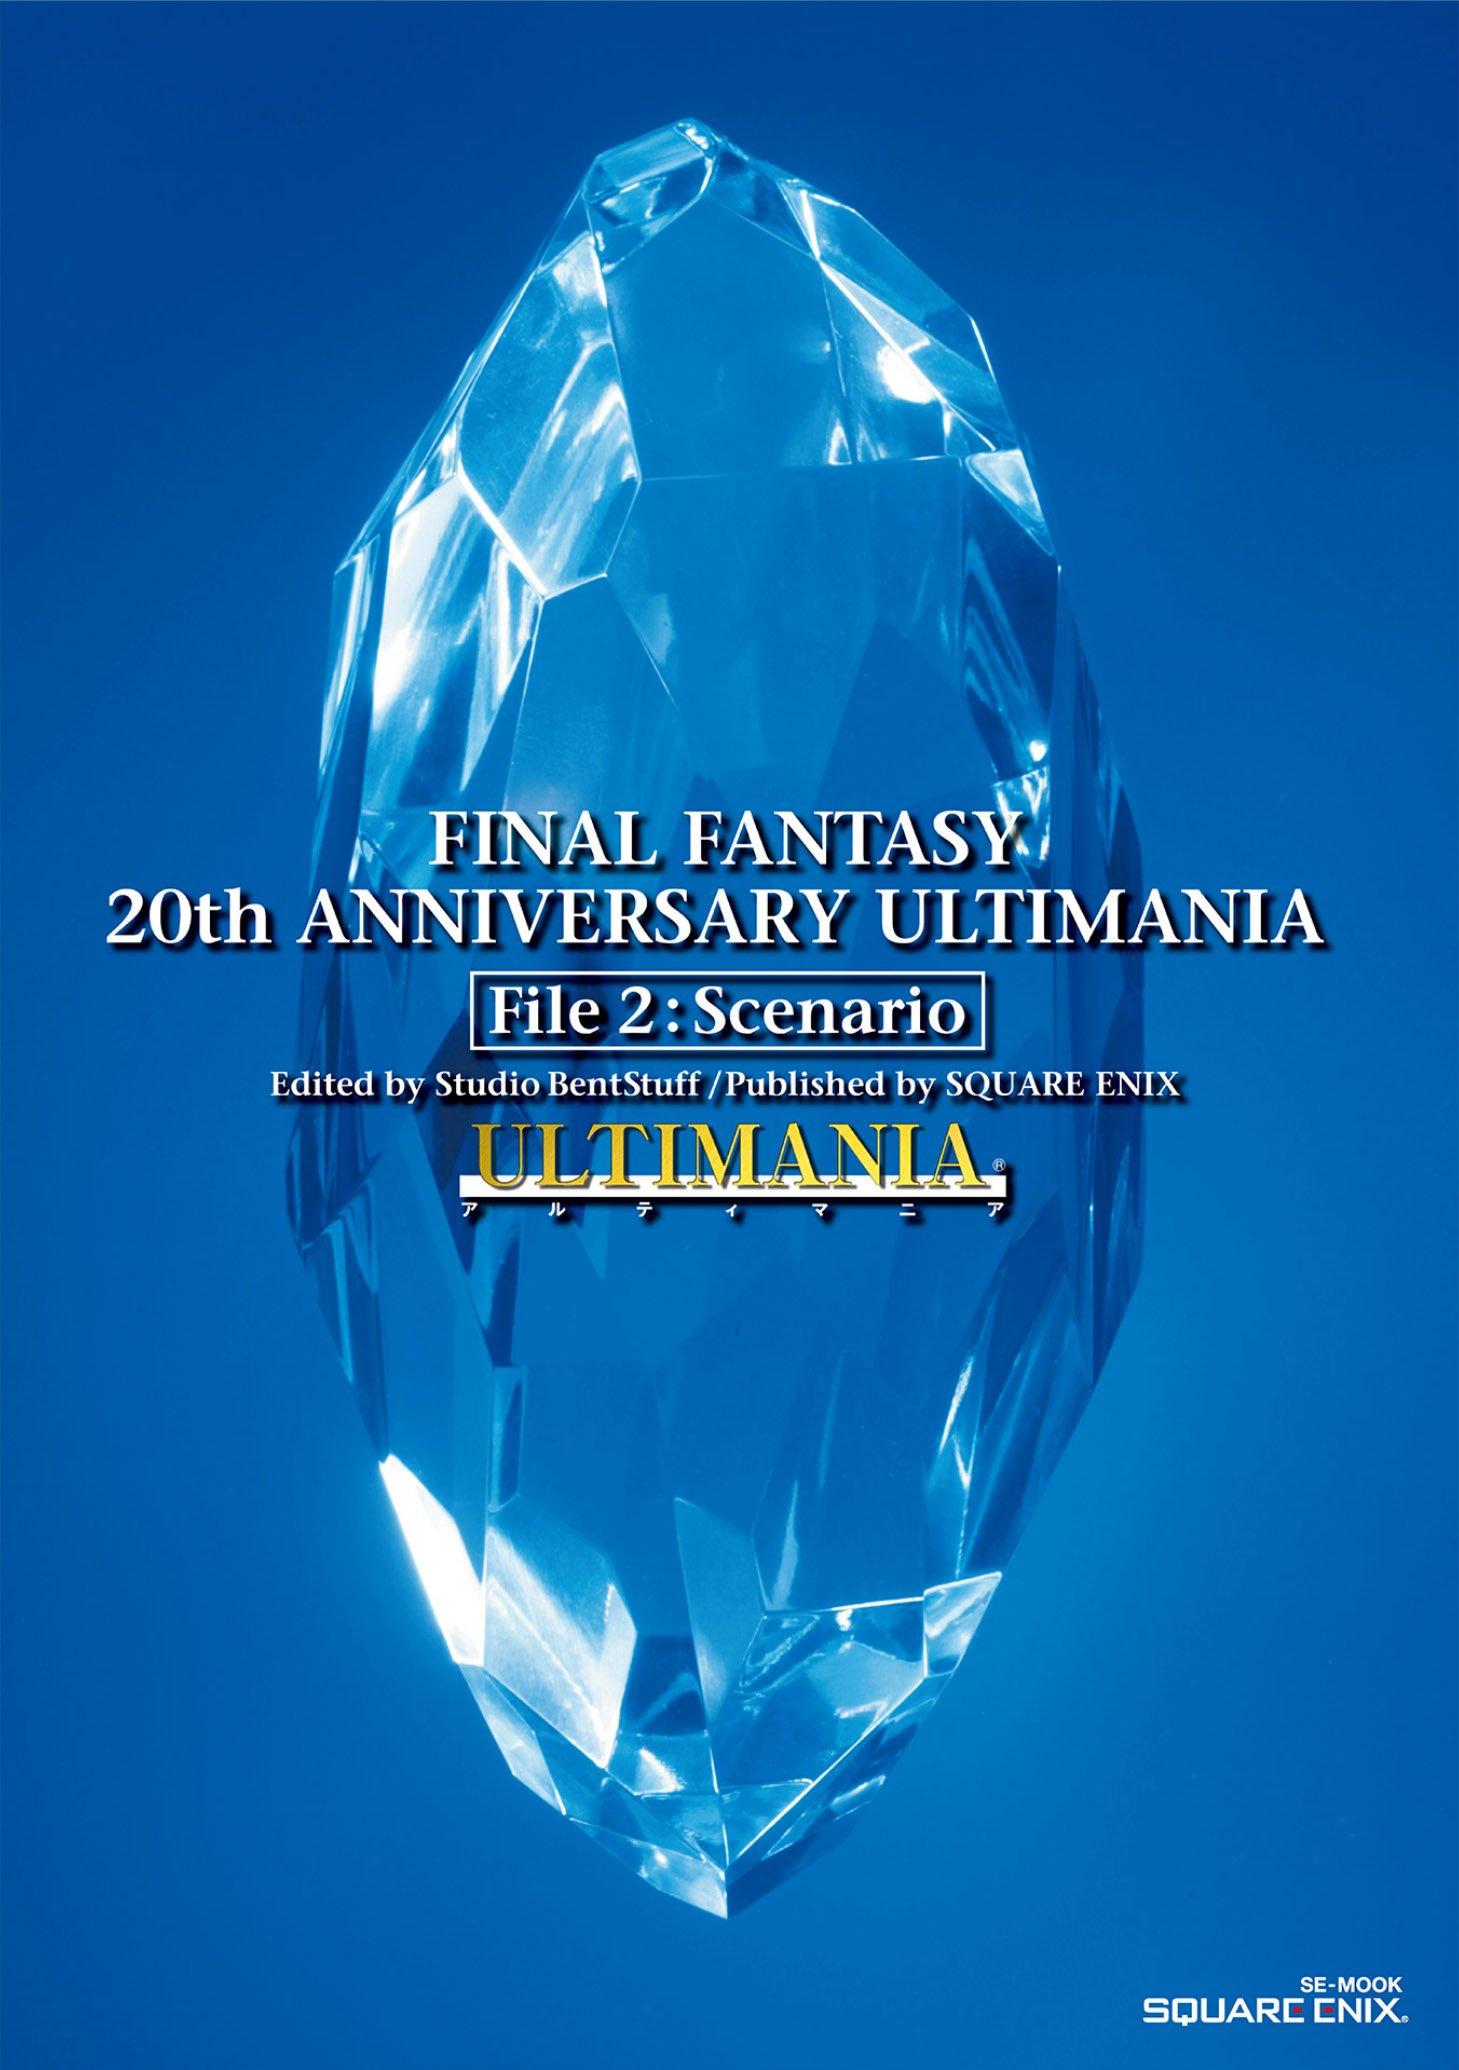 Final Fantasy 20th Anniversary Ultimania File 2: Scenario